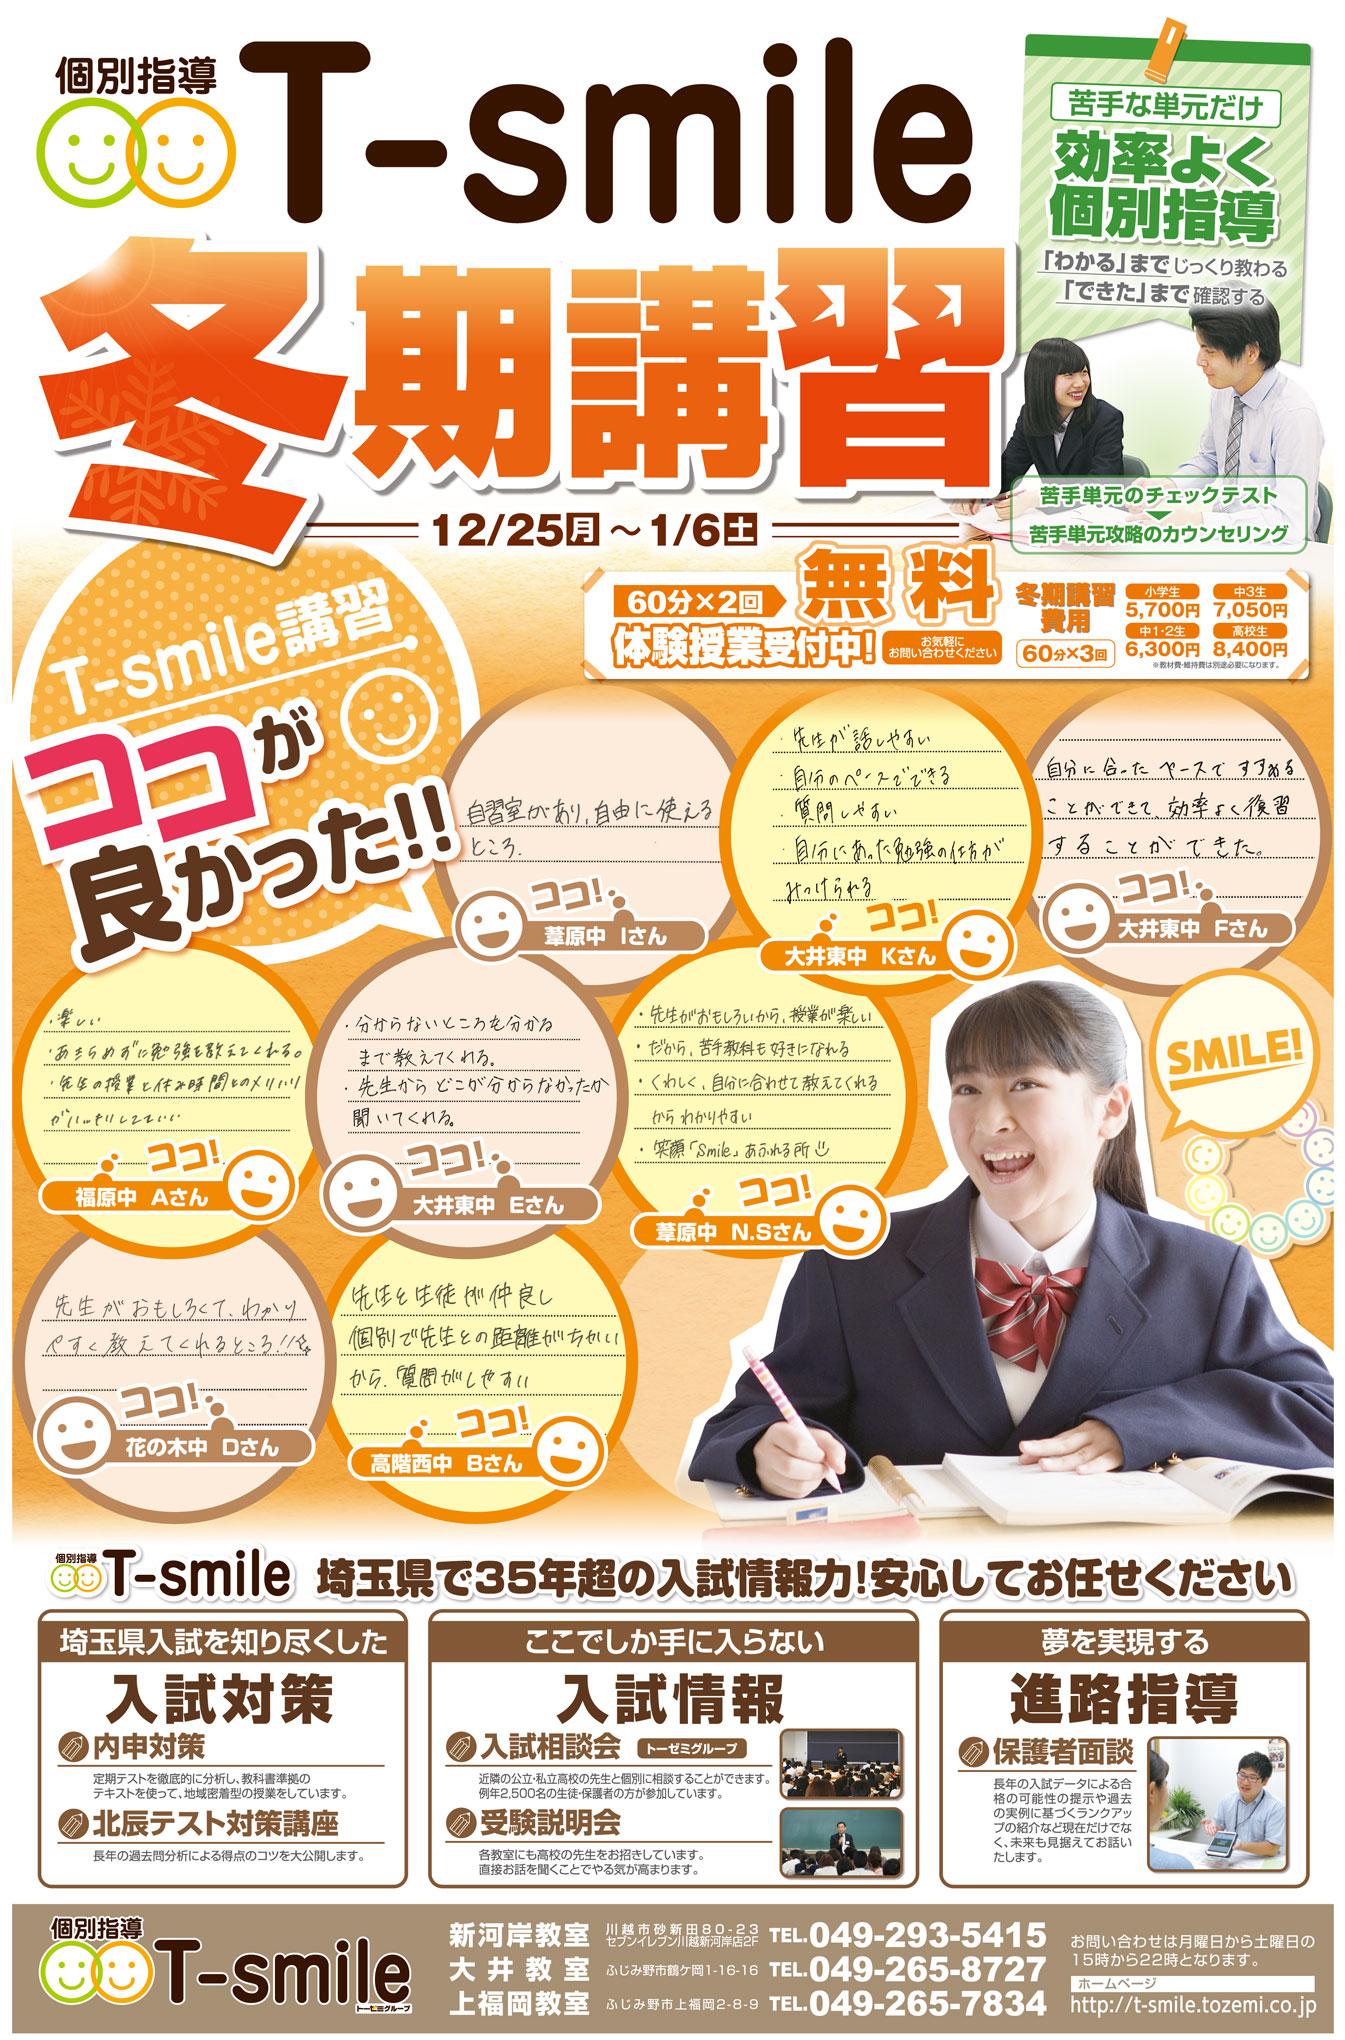 埼玉県川越市・ふじみ野市の個別指導塾T-smileの冬期講習